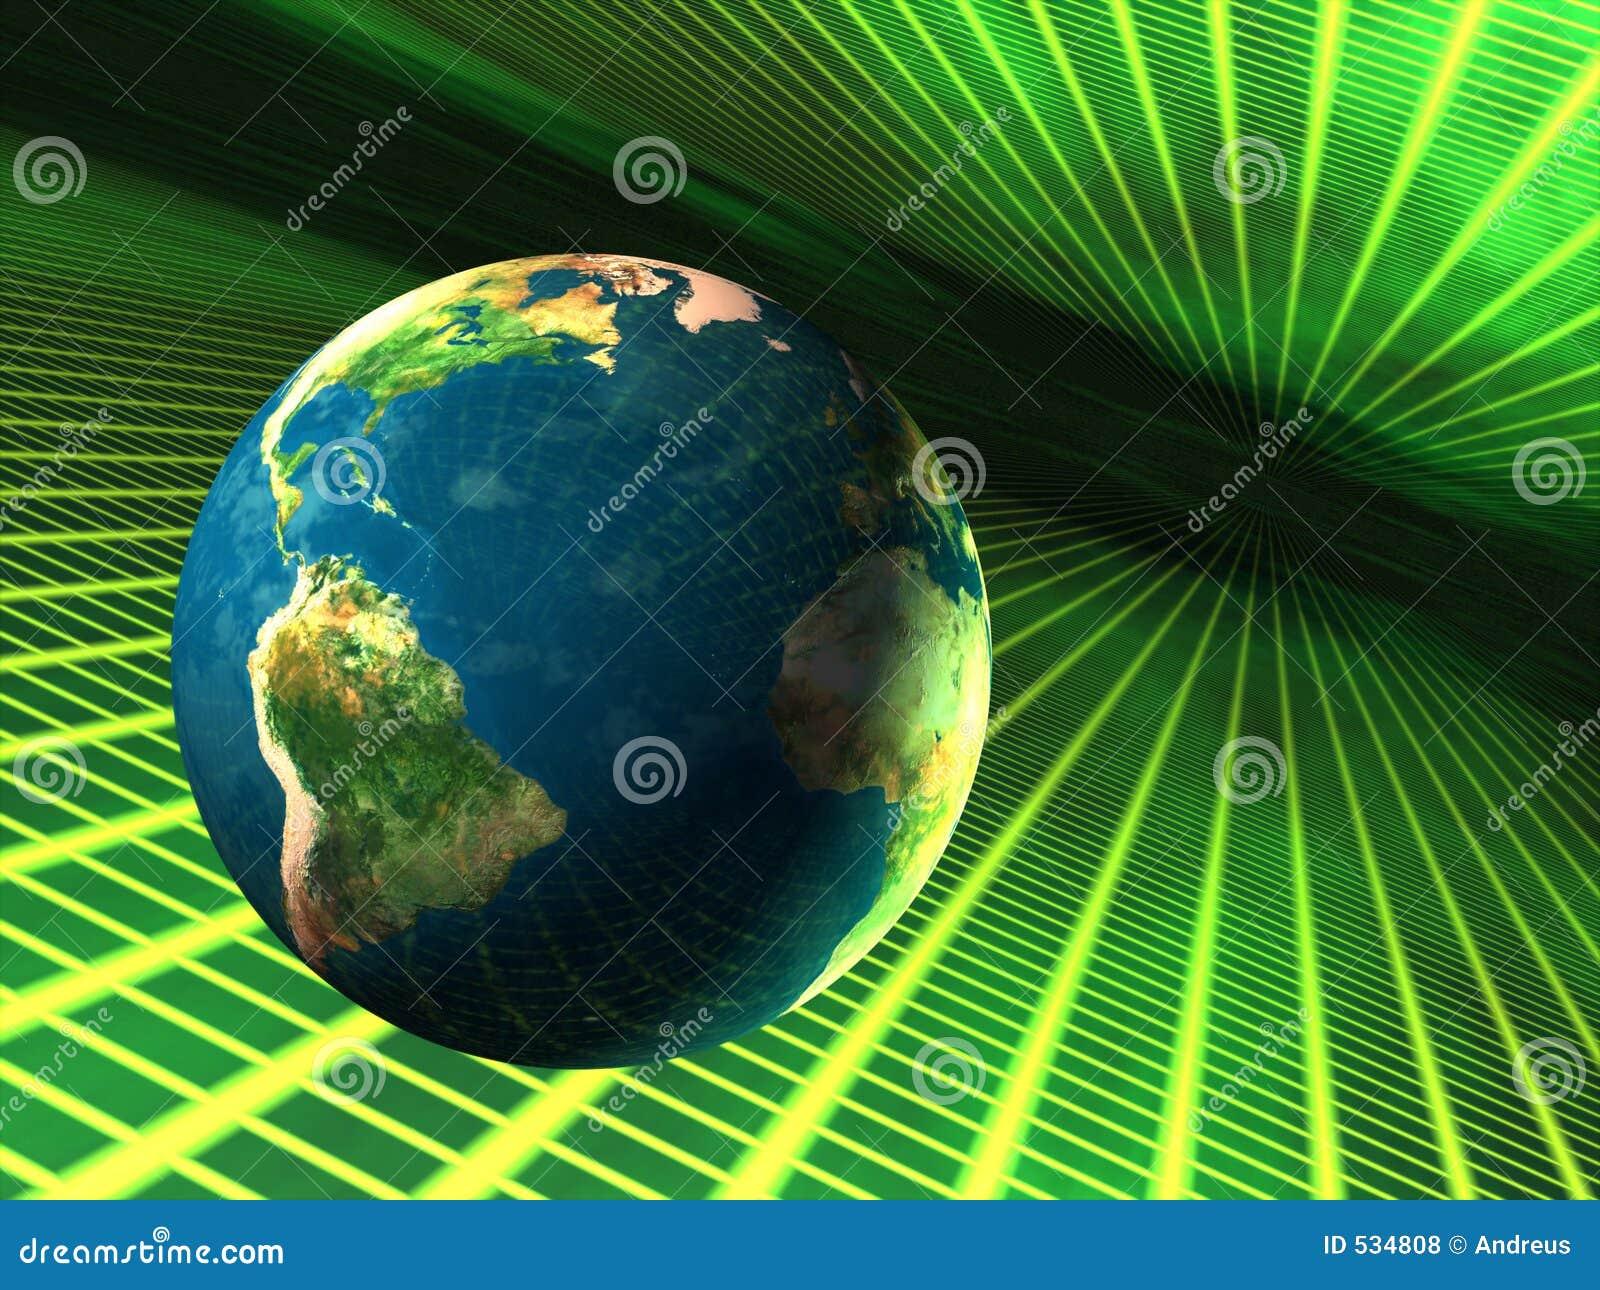 Download 网际空间地球 库存例证. 插画 包括有 尺寸, 数字式, 未来派, 抽象, 绿色, 大陆, 亚马逊, 危险, 艺术性 - 534808